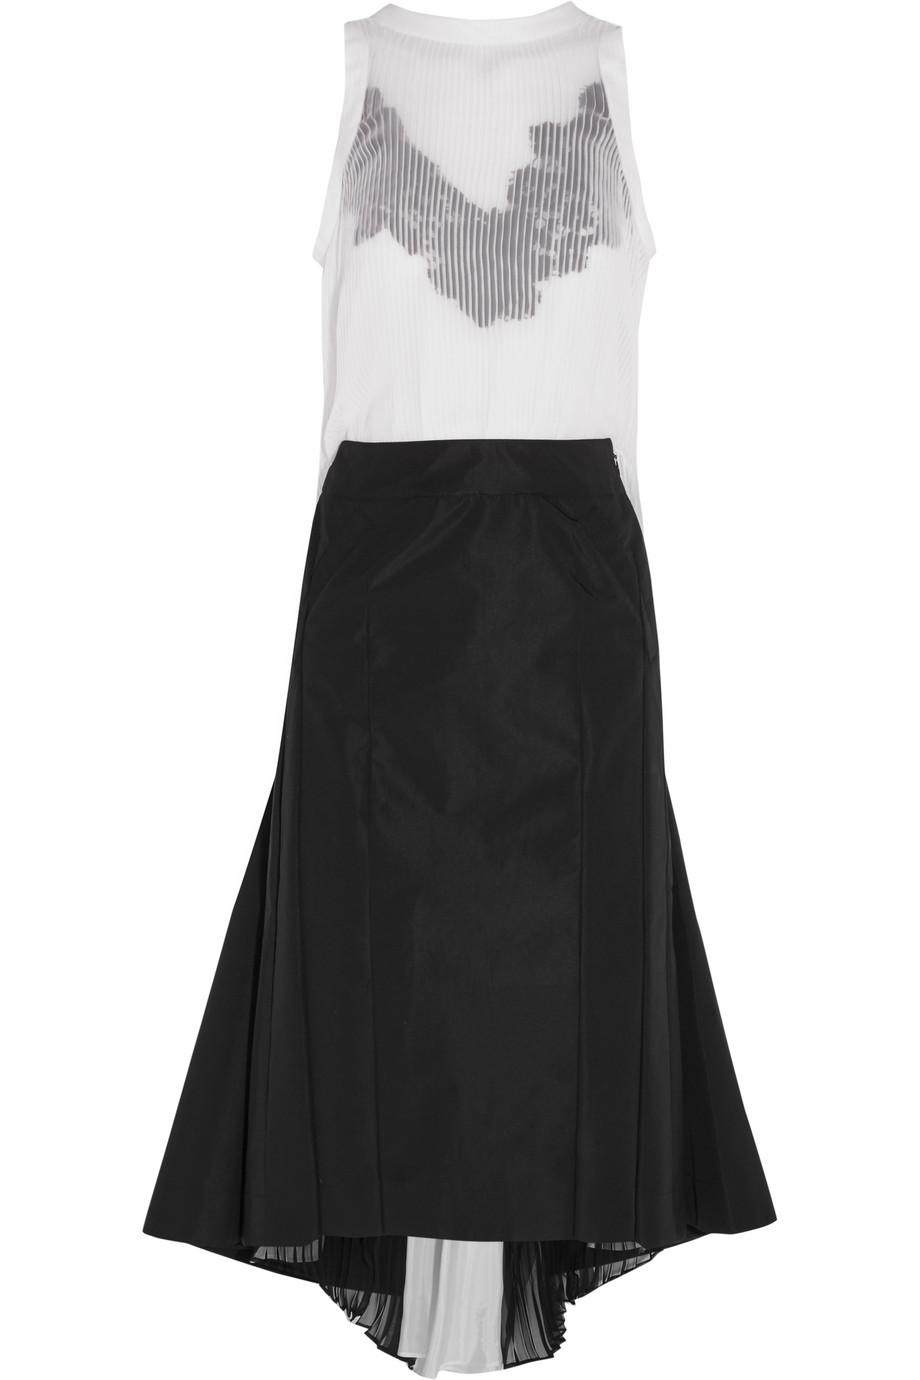 Sacai Guipure Lace-Trimmed Plissé-Chiffon and Crepe Dress, Off-White, Women's, Size: 1